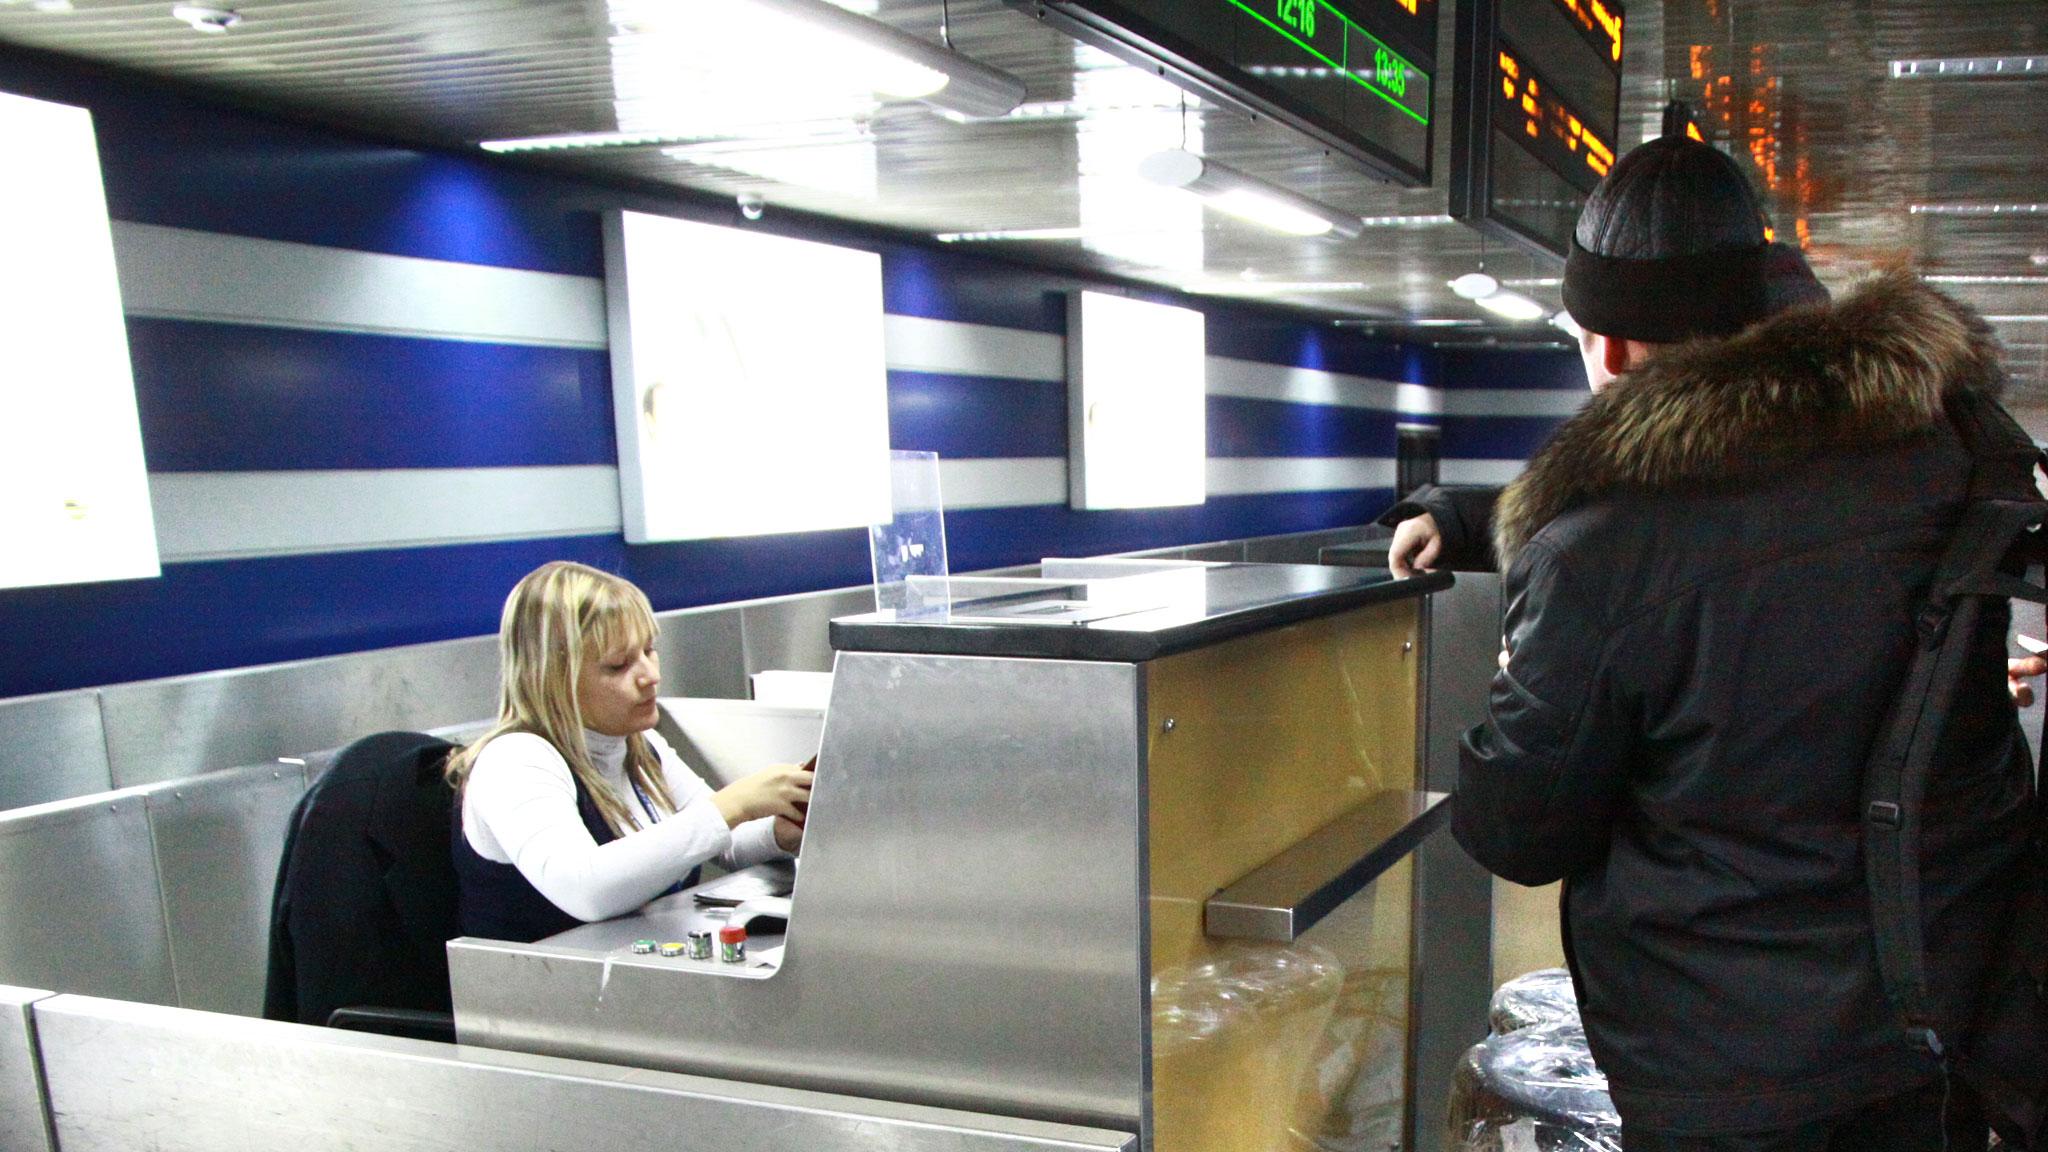 Лыжи придется сдать на специальную стойку для нестандартного багажа.Фото: Юлия ПЫХАЛОВА, «КП»-Иркутск»